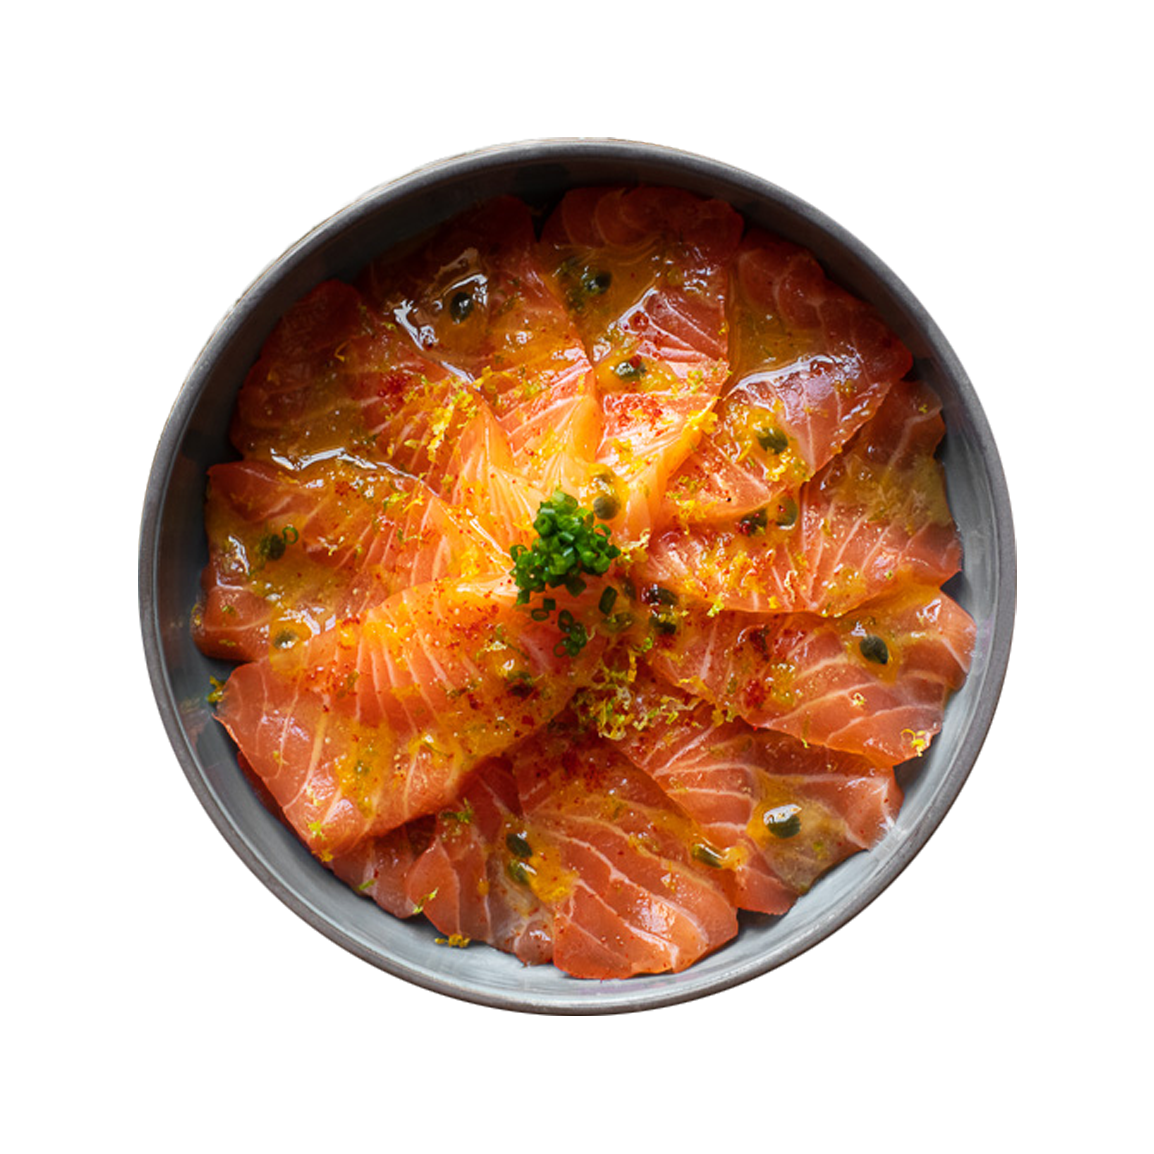 10 pièces de sashimi saumon, marinade maison fruit de la passion, citron vert, ciboulette, fleur de sel, coriandre, oignon rouge, oignon frit, jalapeño, maïs cancha.<br />Servi avec un bol de riz vinaigré.